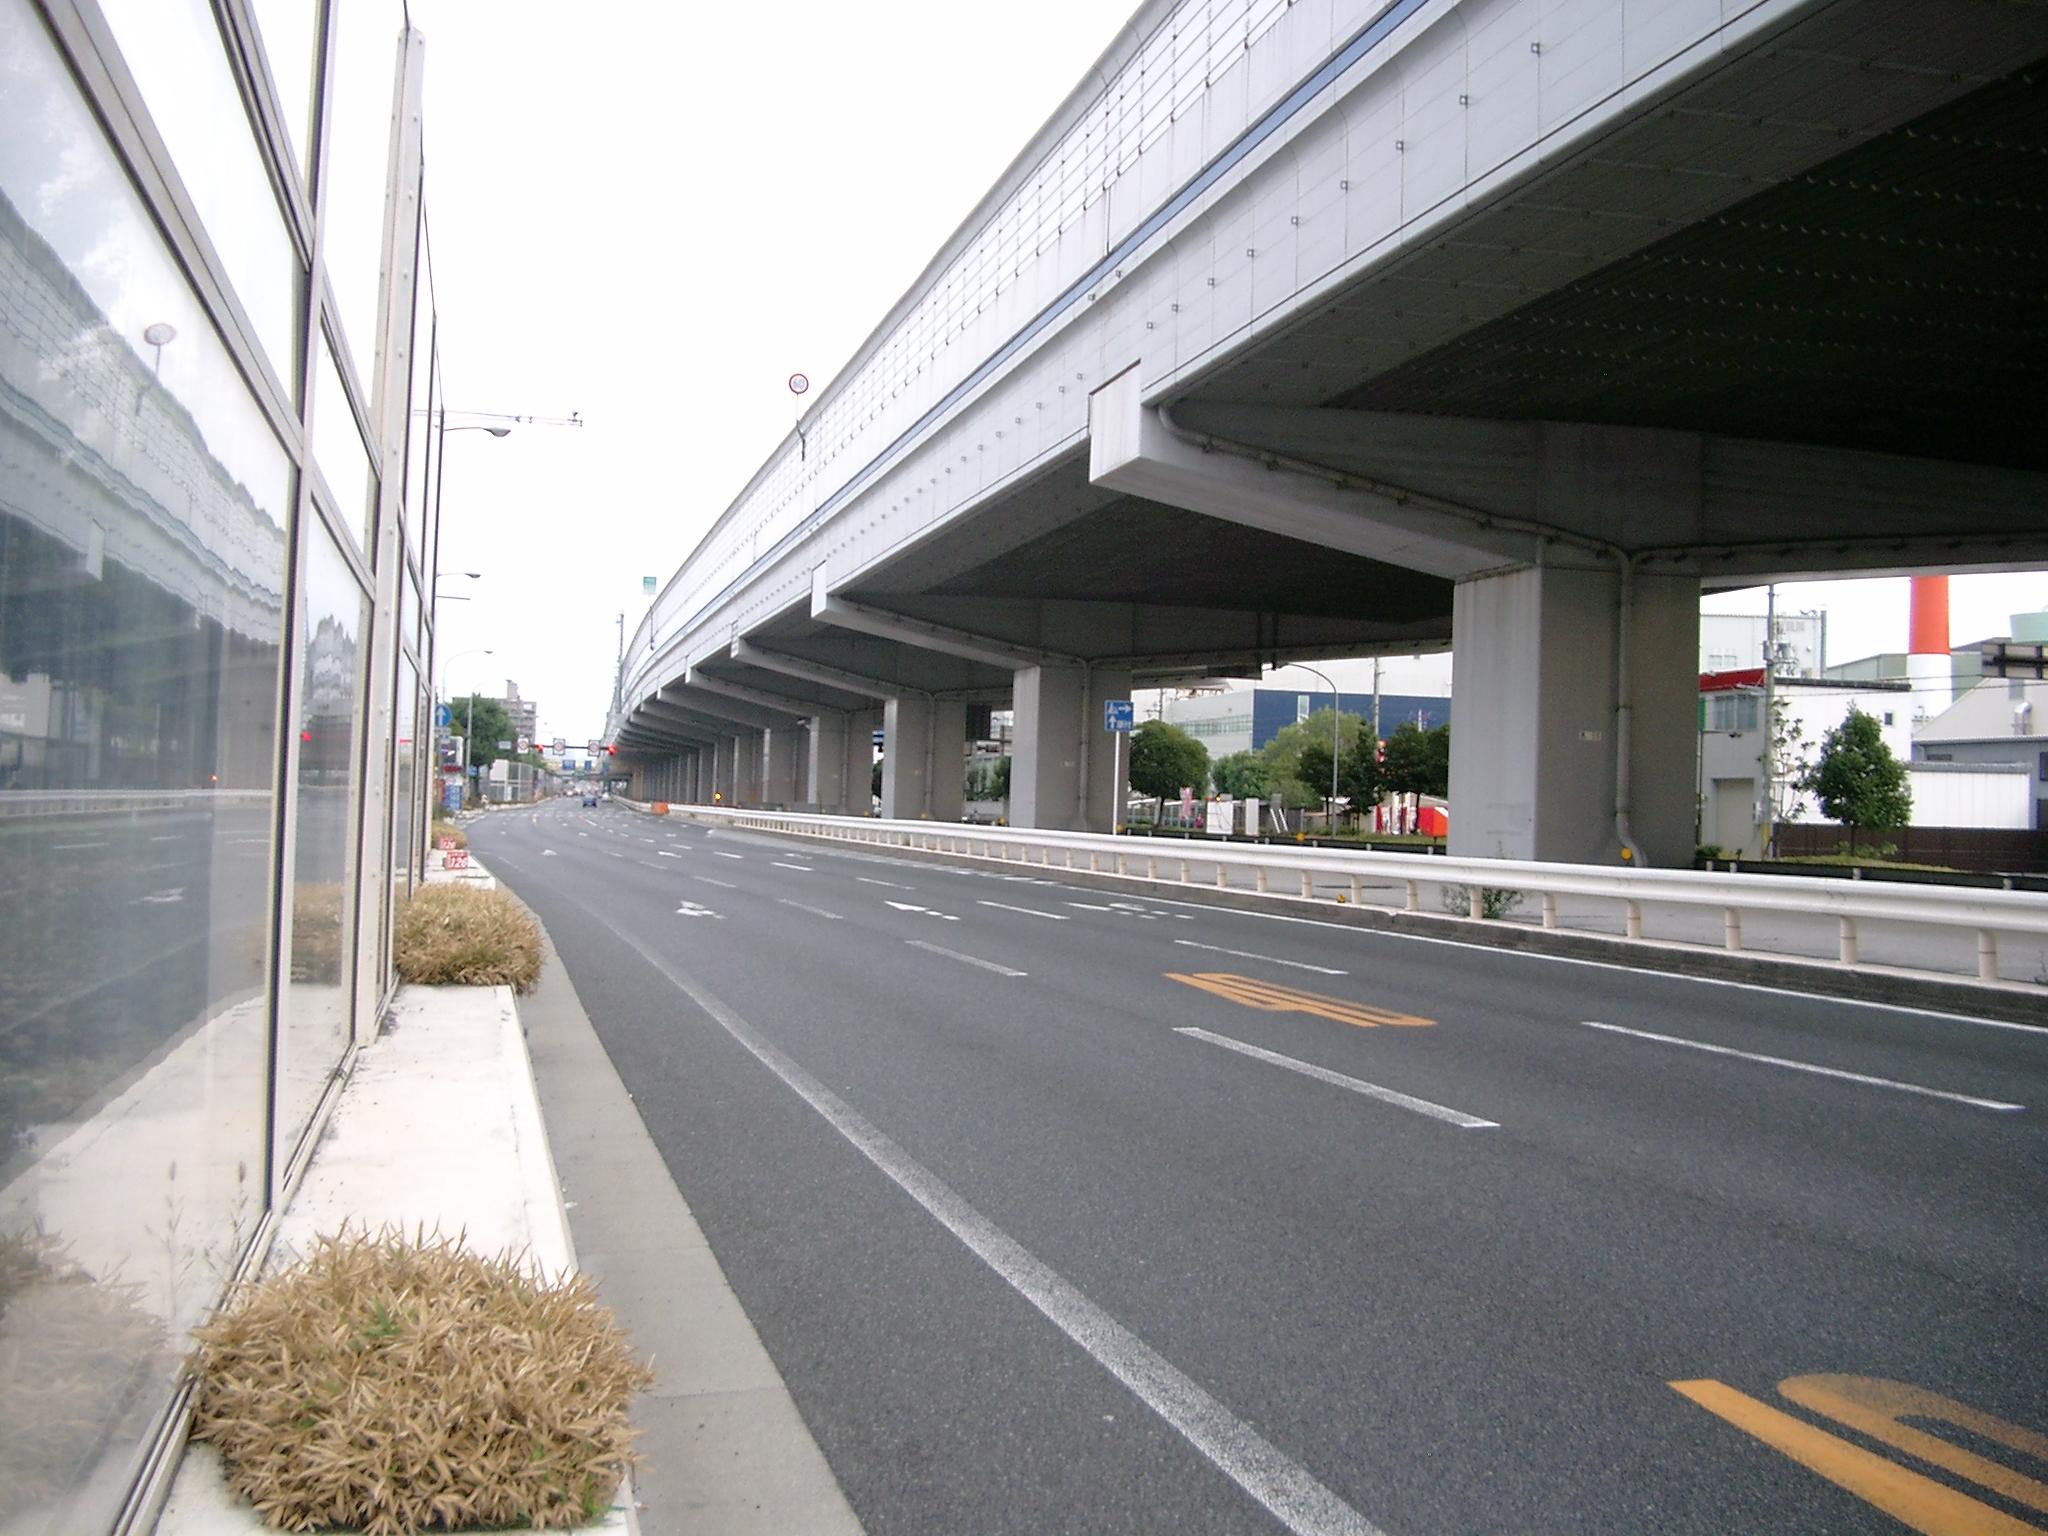 自転車の 自転車 車道 左折 信号 : ... ーの戯れ言 : なにわ自転車道